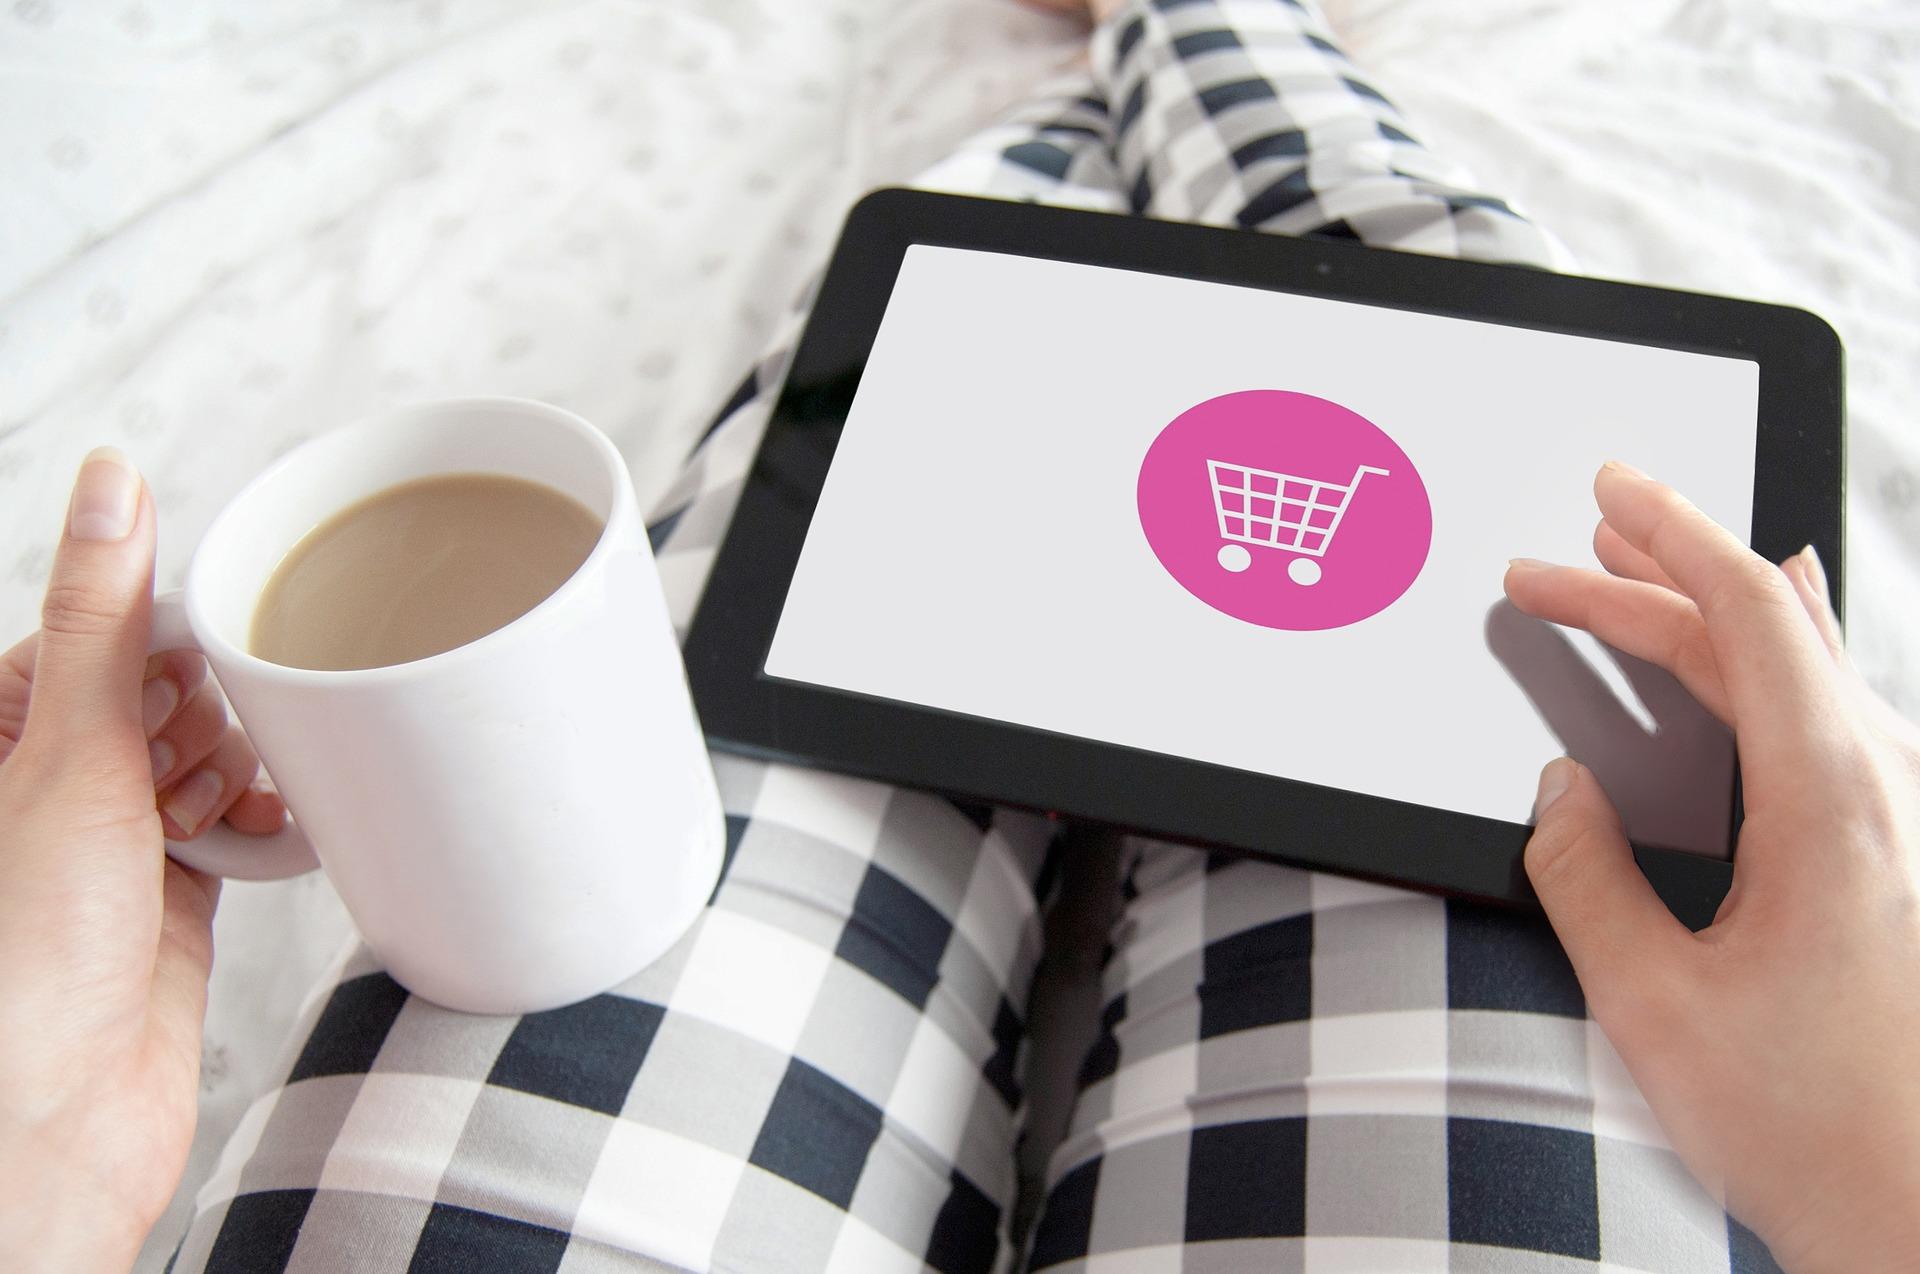 אמאזון איביי או KSP? כך תבחרו מה לקנות בחנויות האינטרנטיות